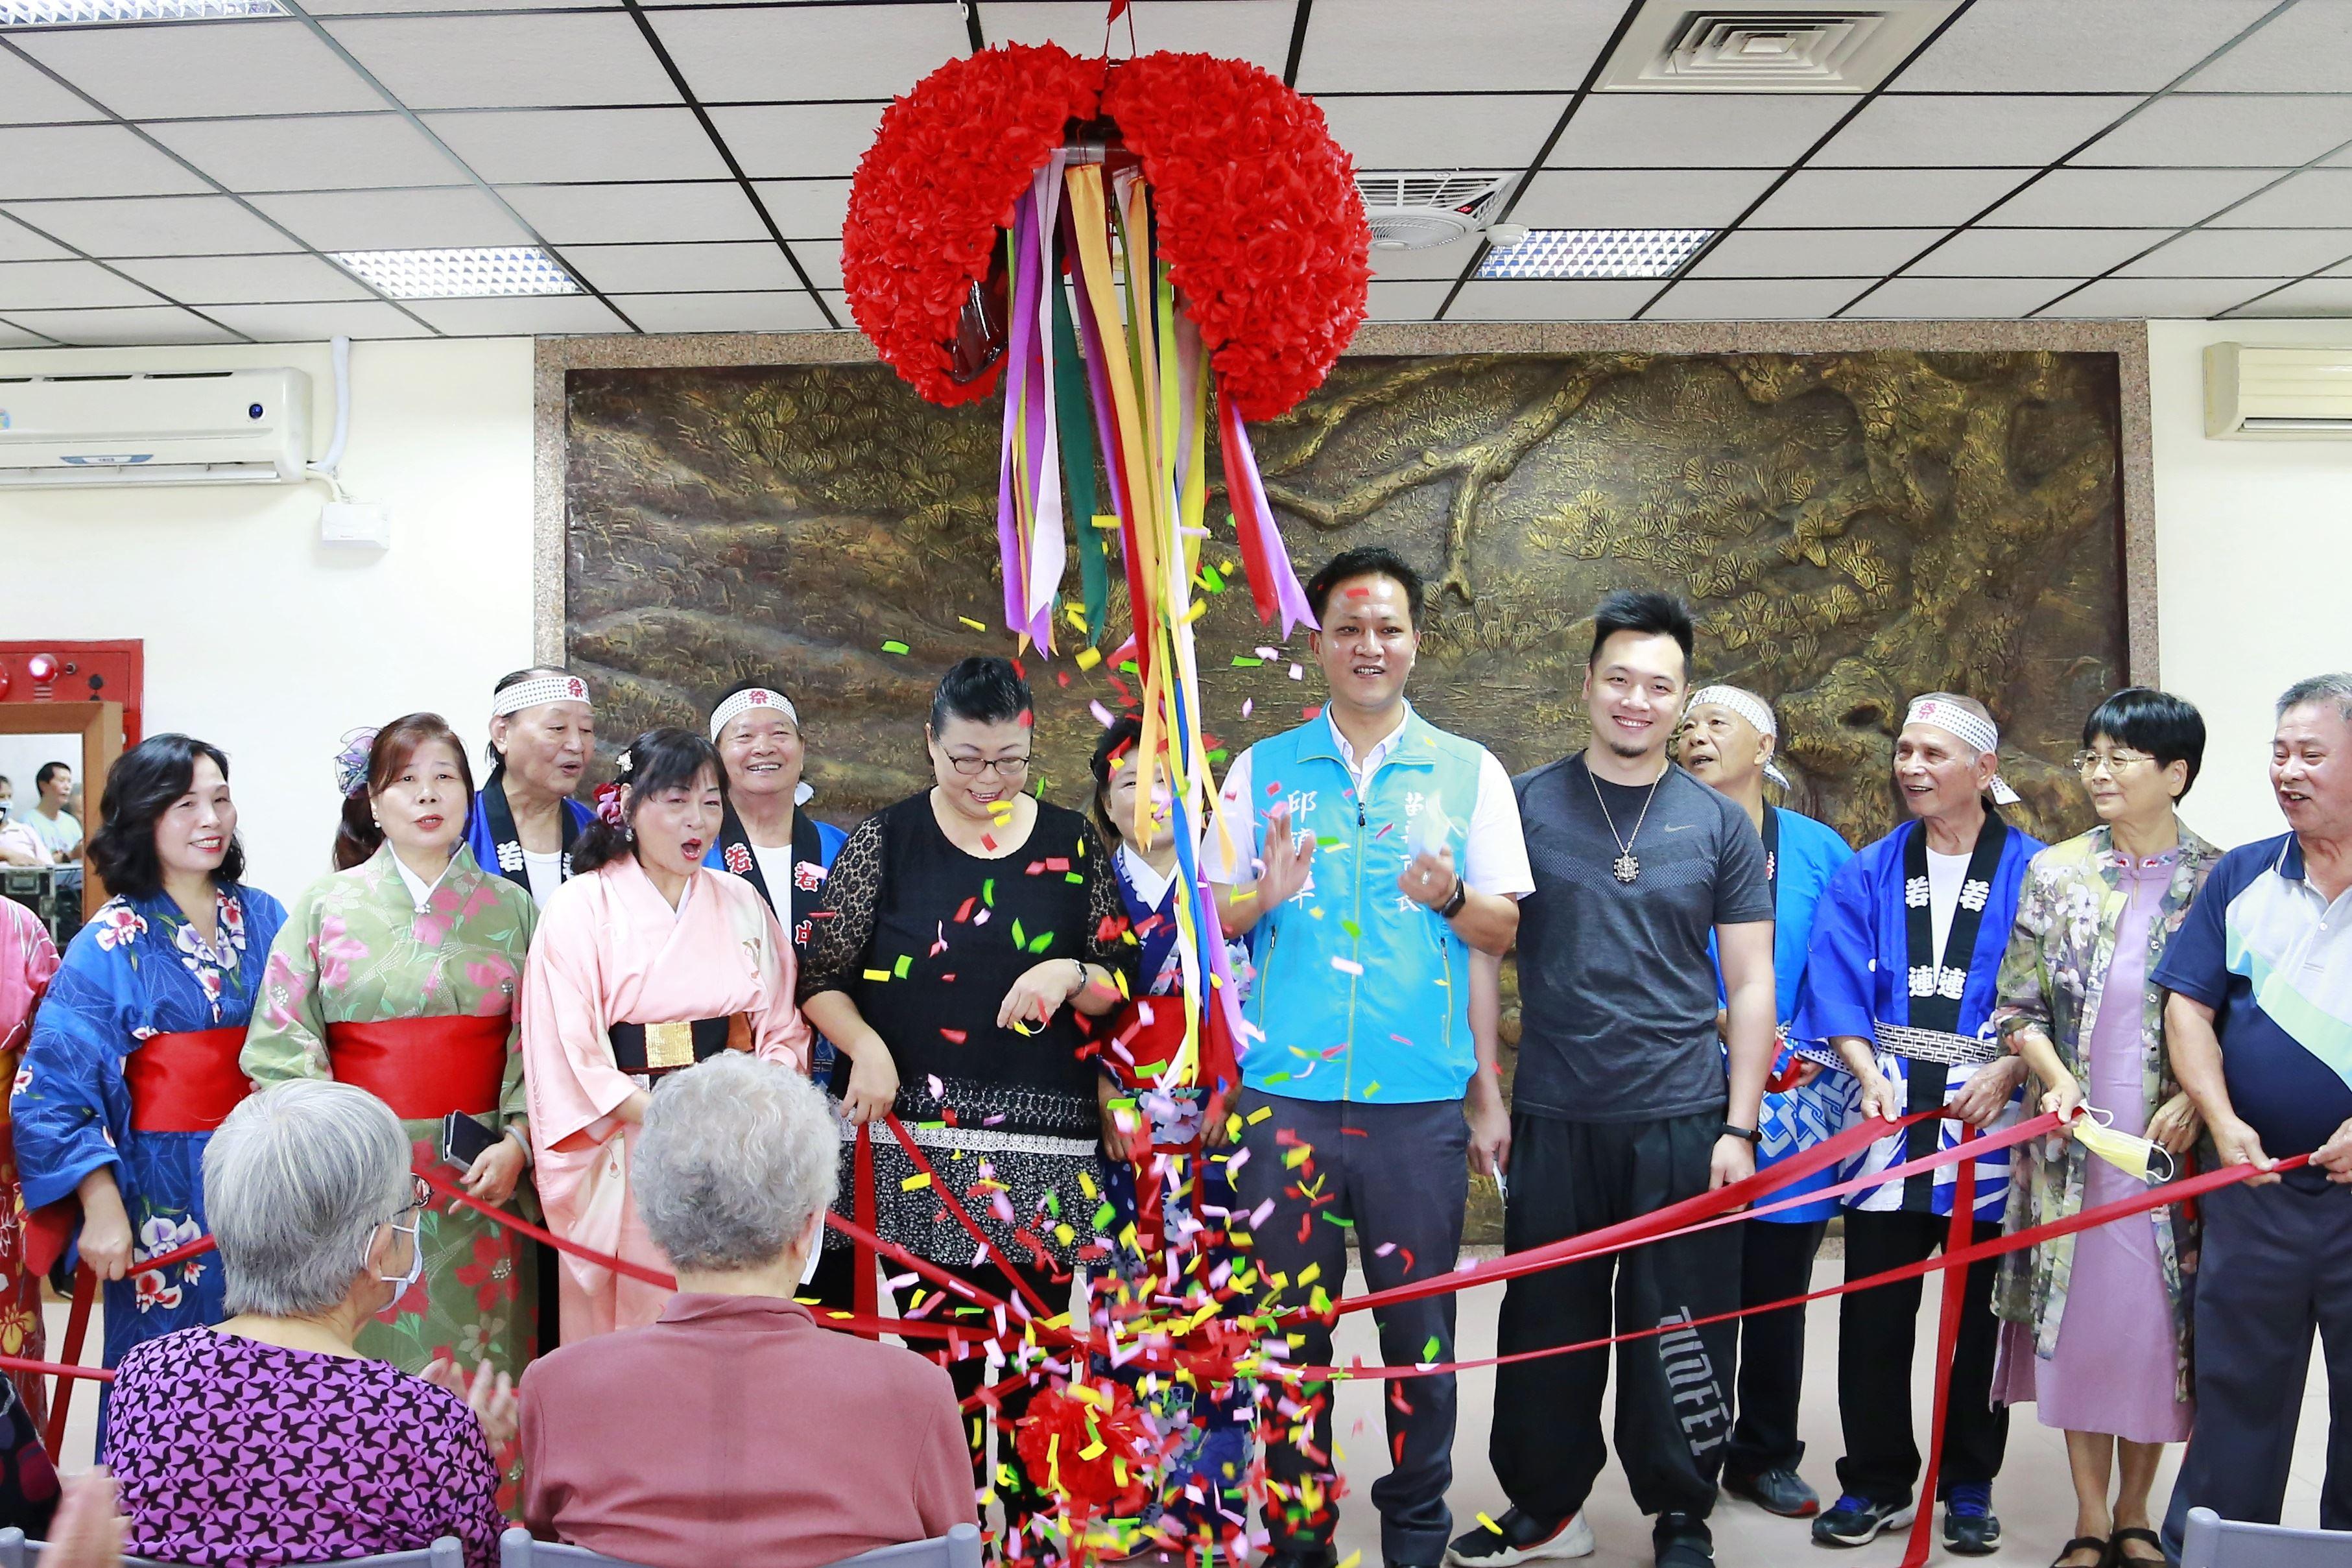 苗栗市「老人文康中心」重新開館囉,歡迎大家來坐聊!